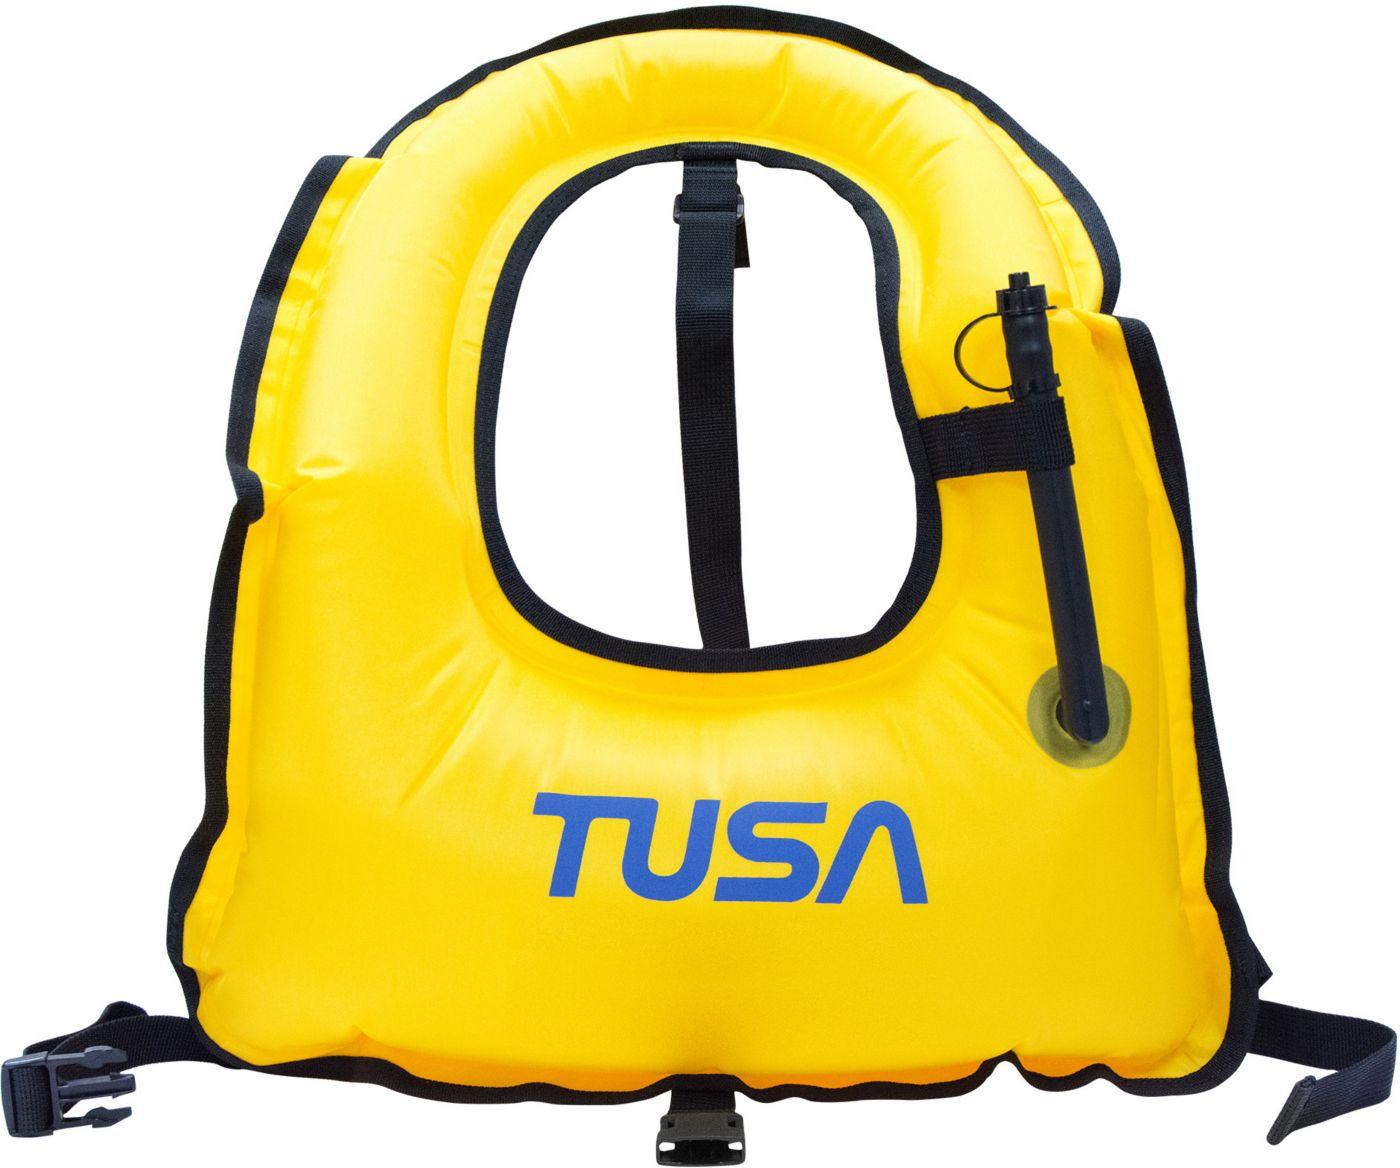 TUSA Sport Adult Snorkeling Vest